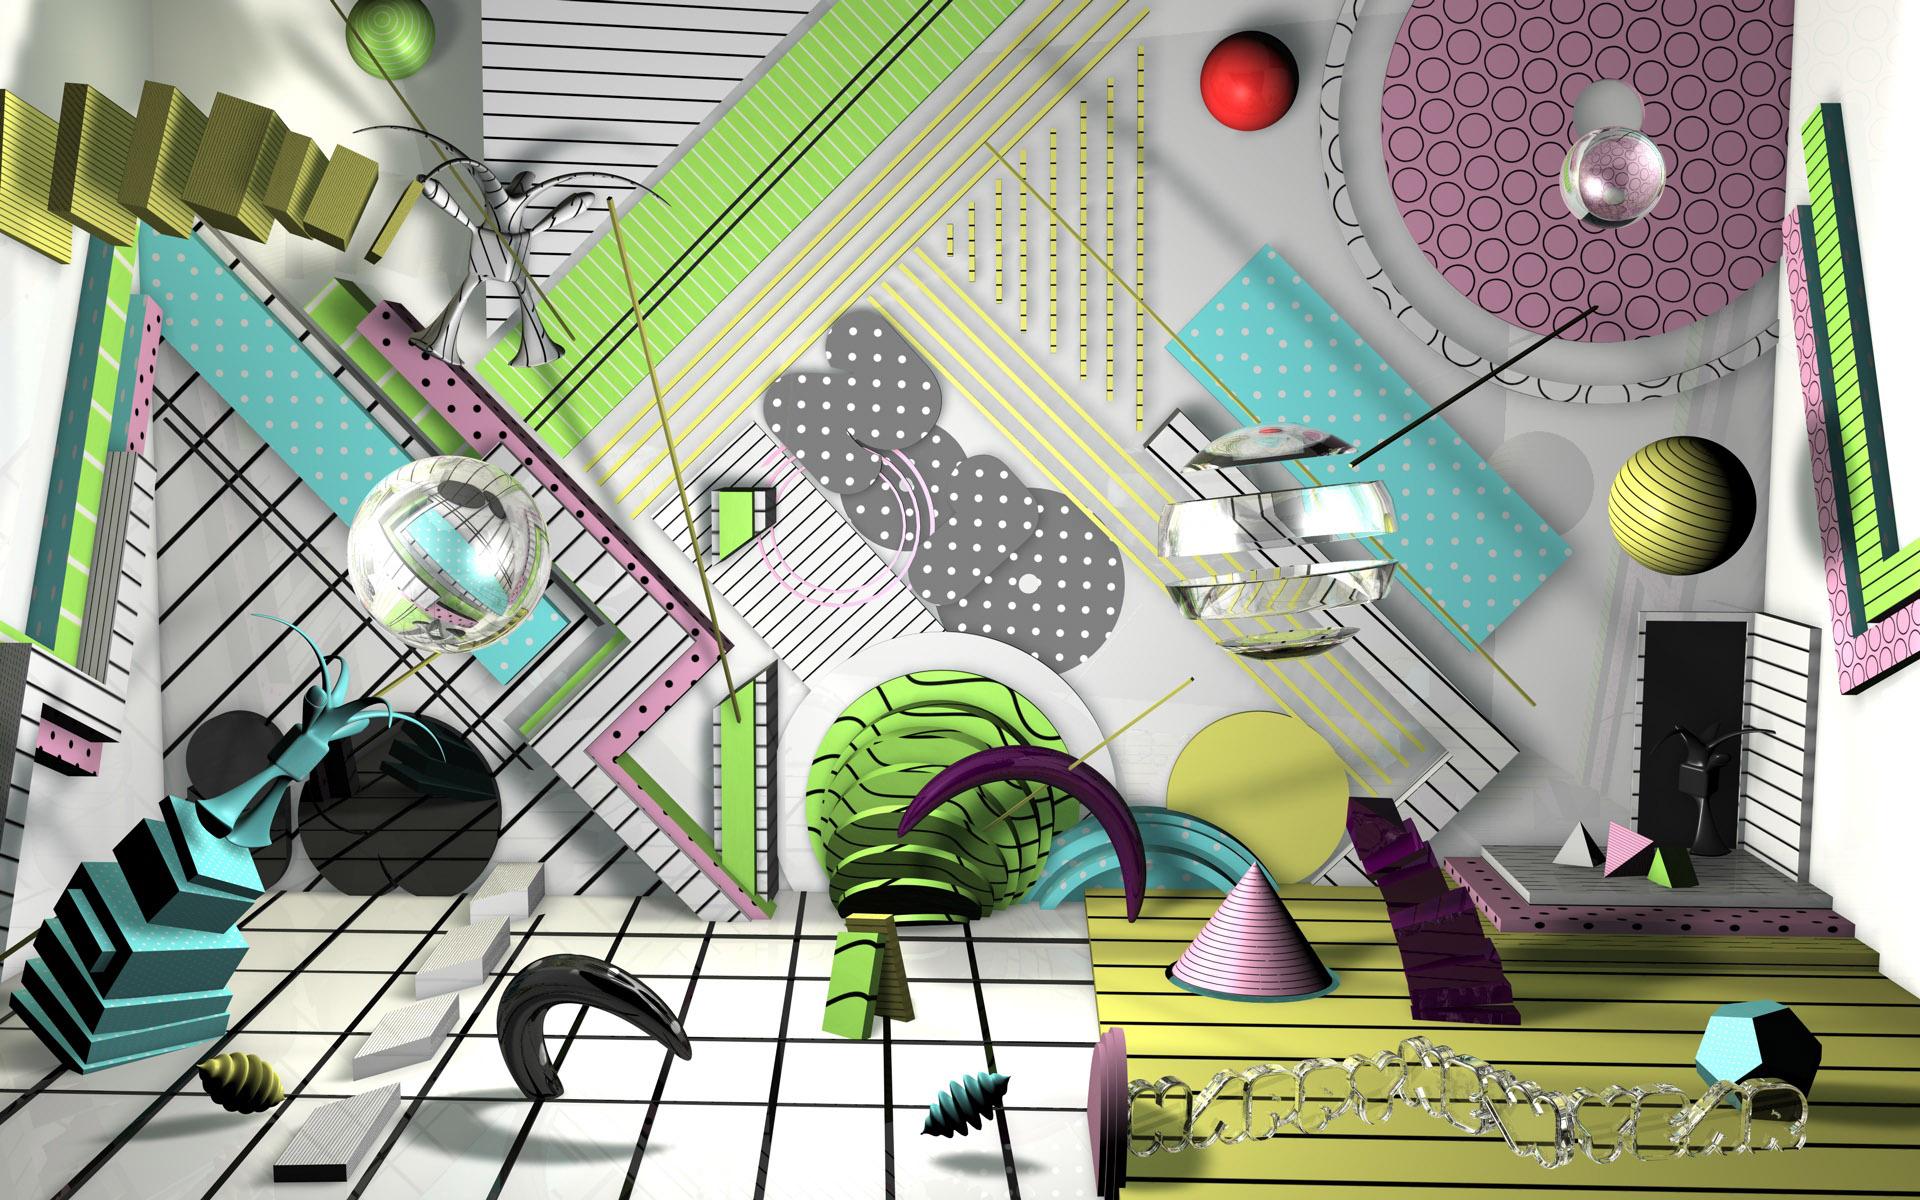 壁纸1920×12002010年电脑桌面壁纸壁纸 2010年电脑桌面壁纸壁纸图片节日壁纸节日图片素材桌面壁纸